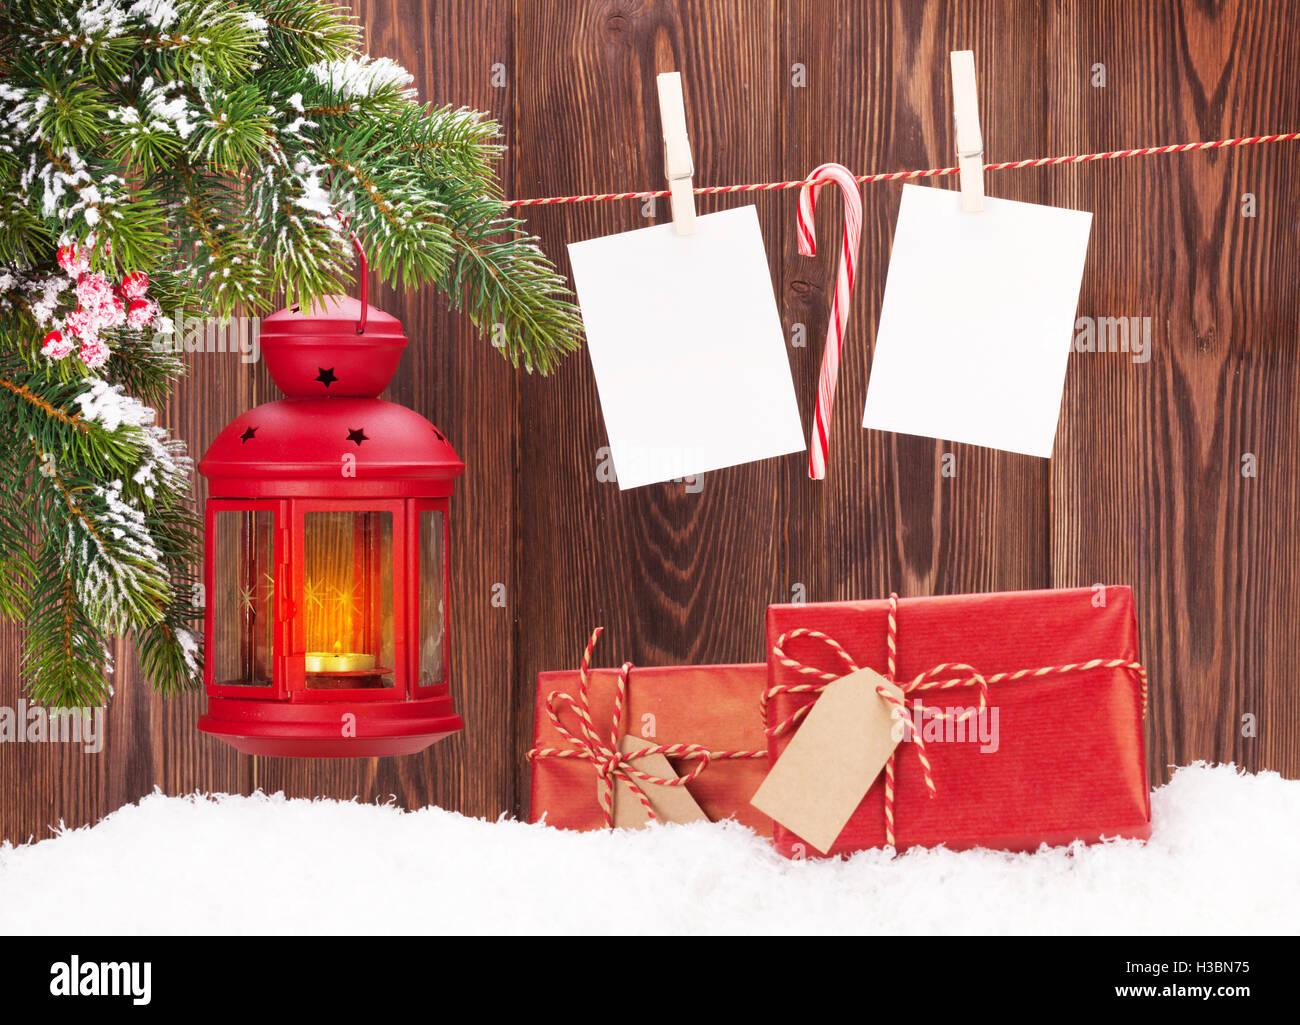 Weihnachten Kerze Laterne, Geschenkboxen und leere Bilderrahmen ...